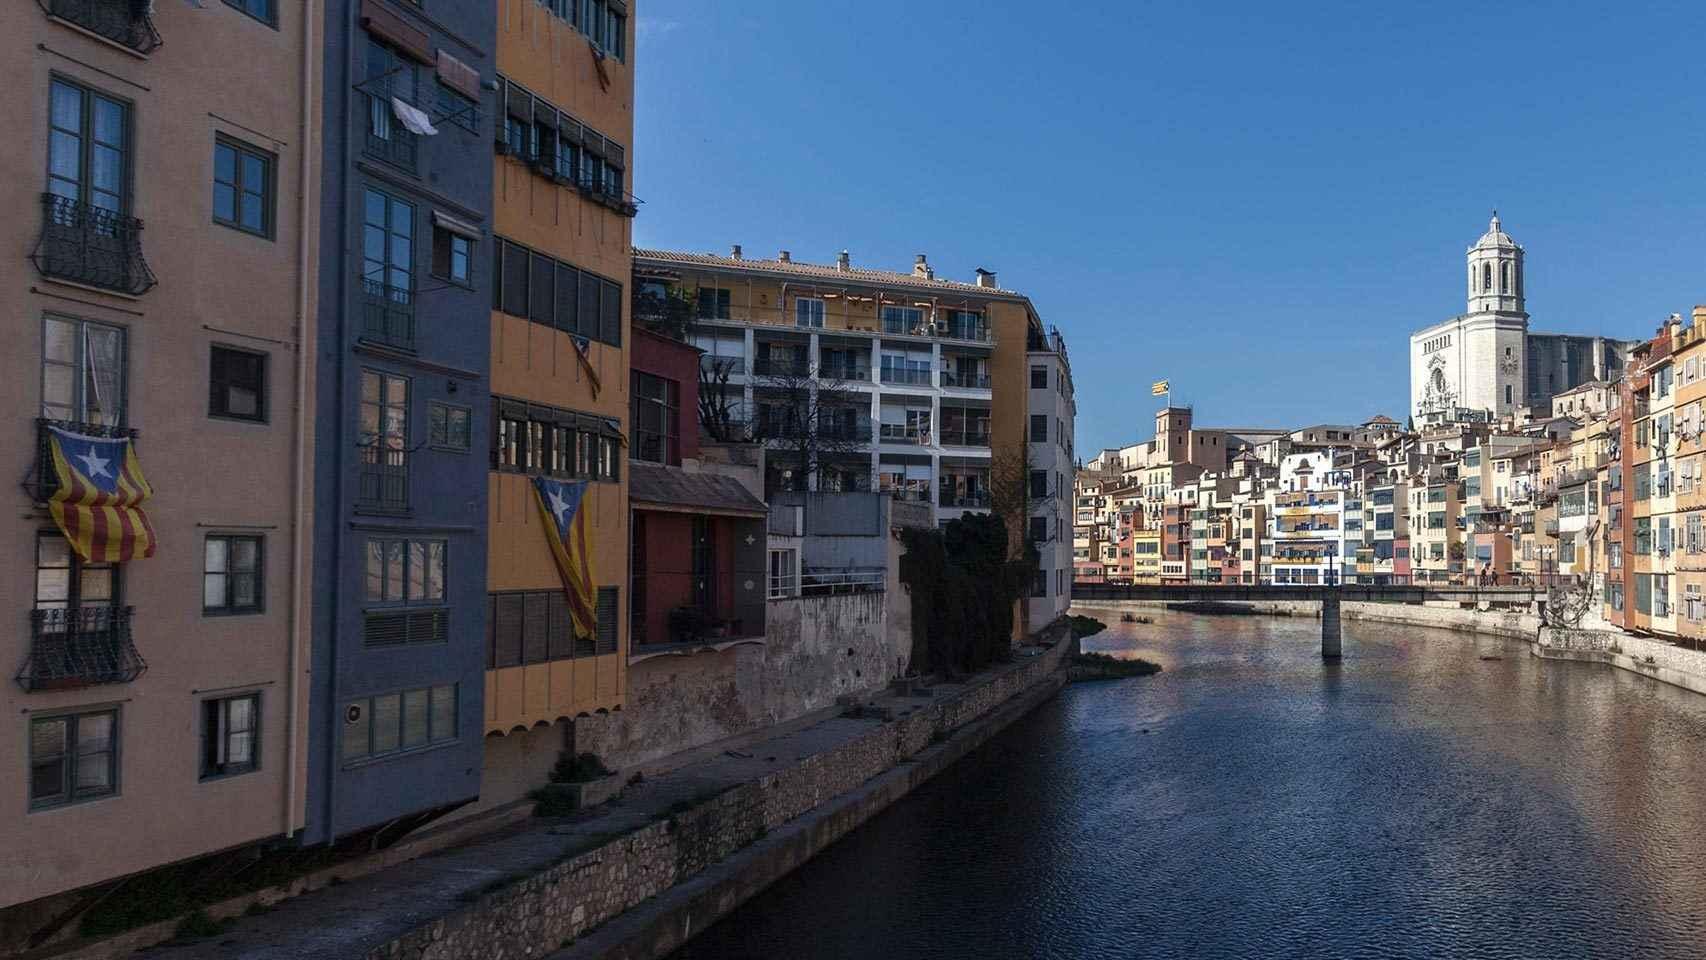 Barri antic de Girona desde el río Onya.